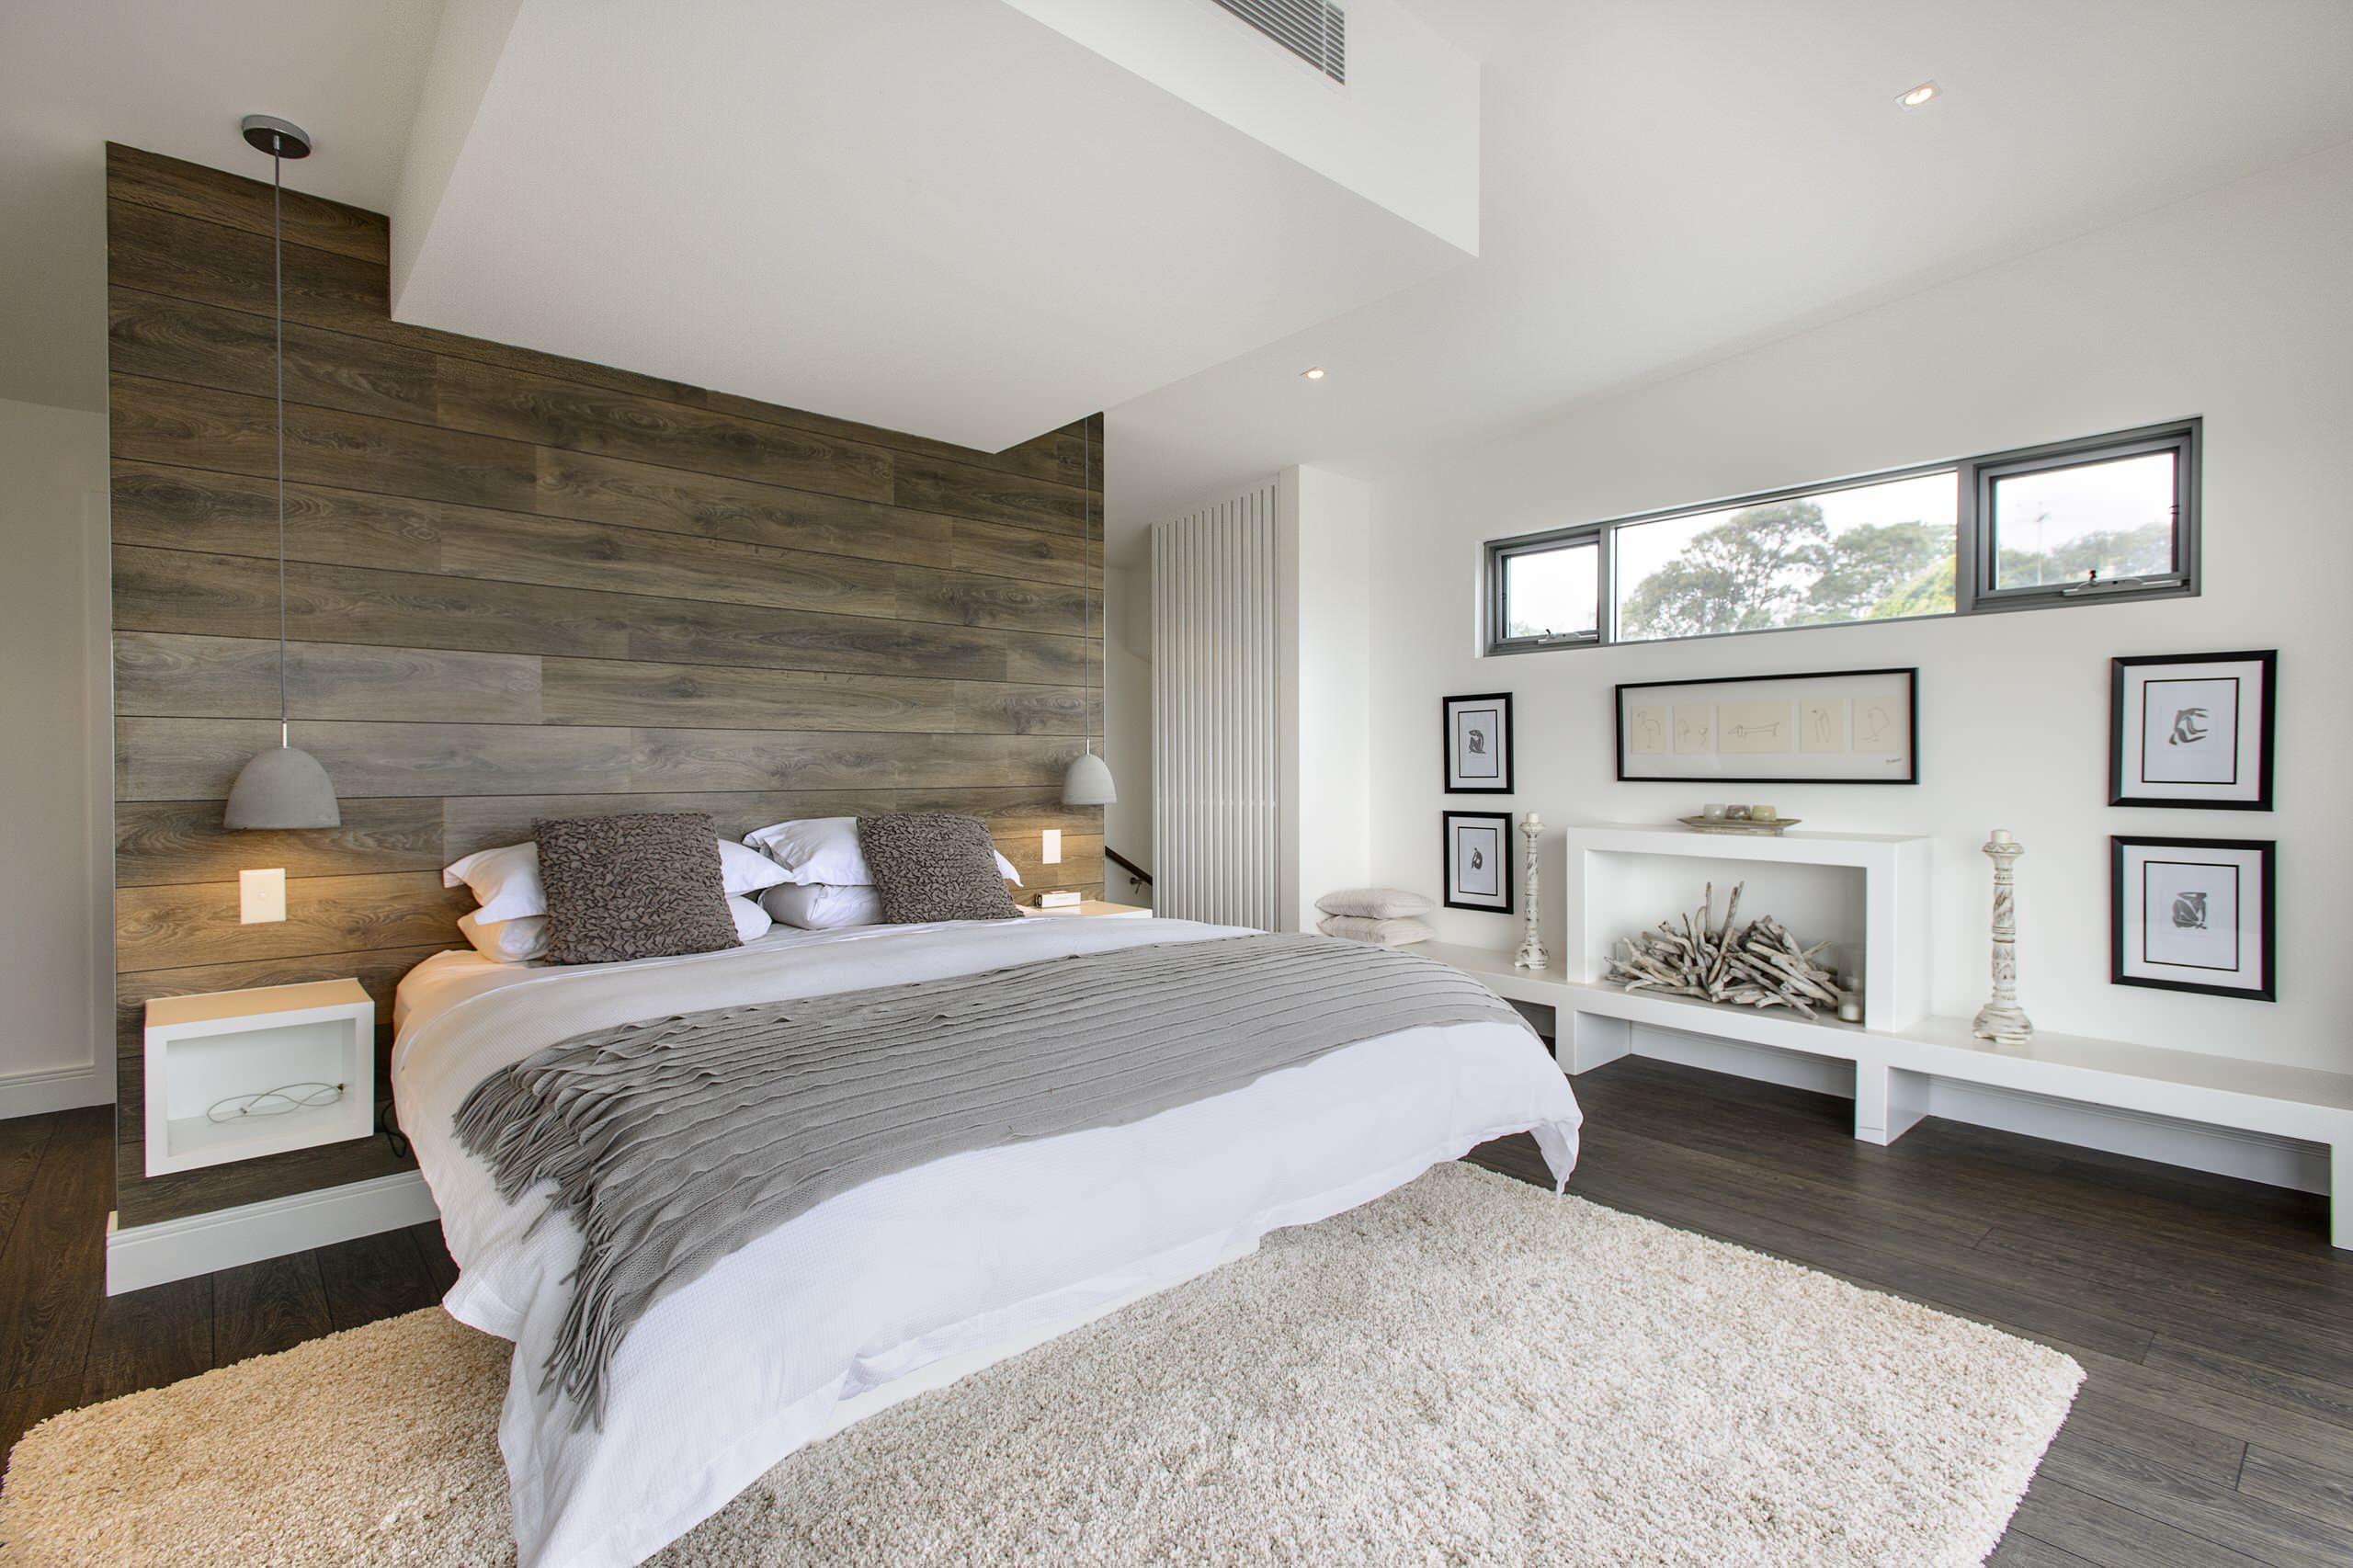 Pour la conception du design de la chambre, il est préférable de choisir des couleurs claires.